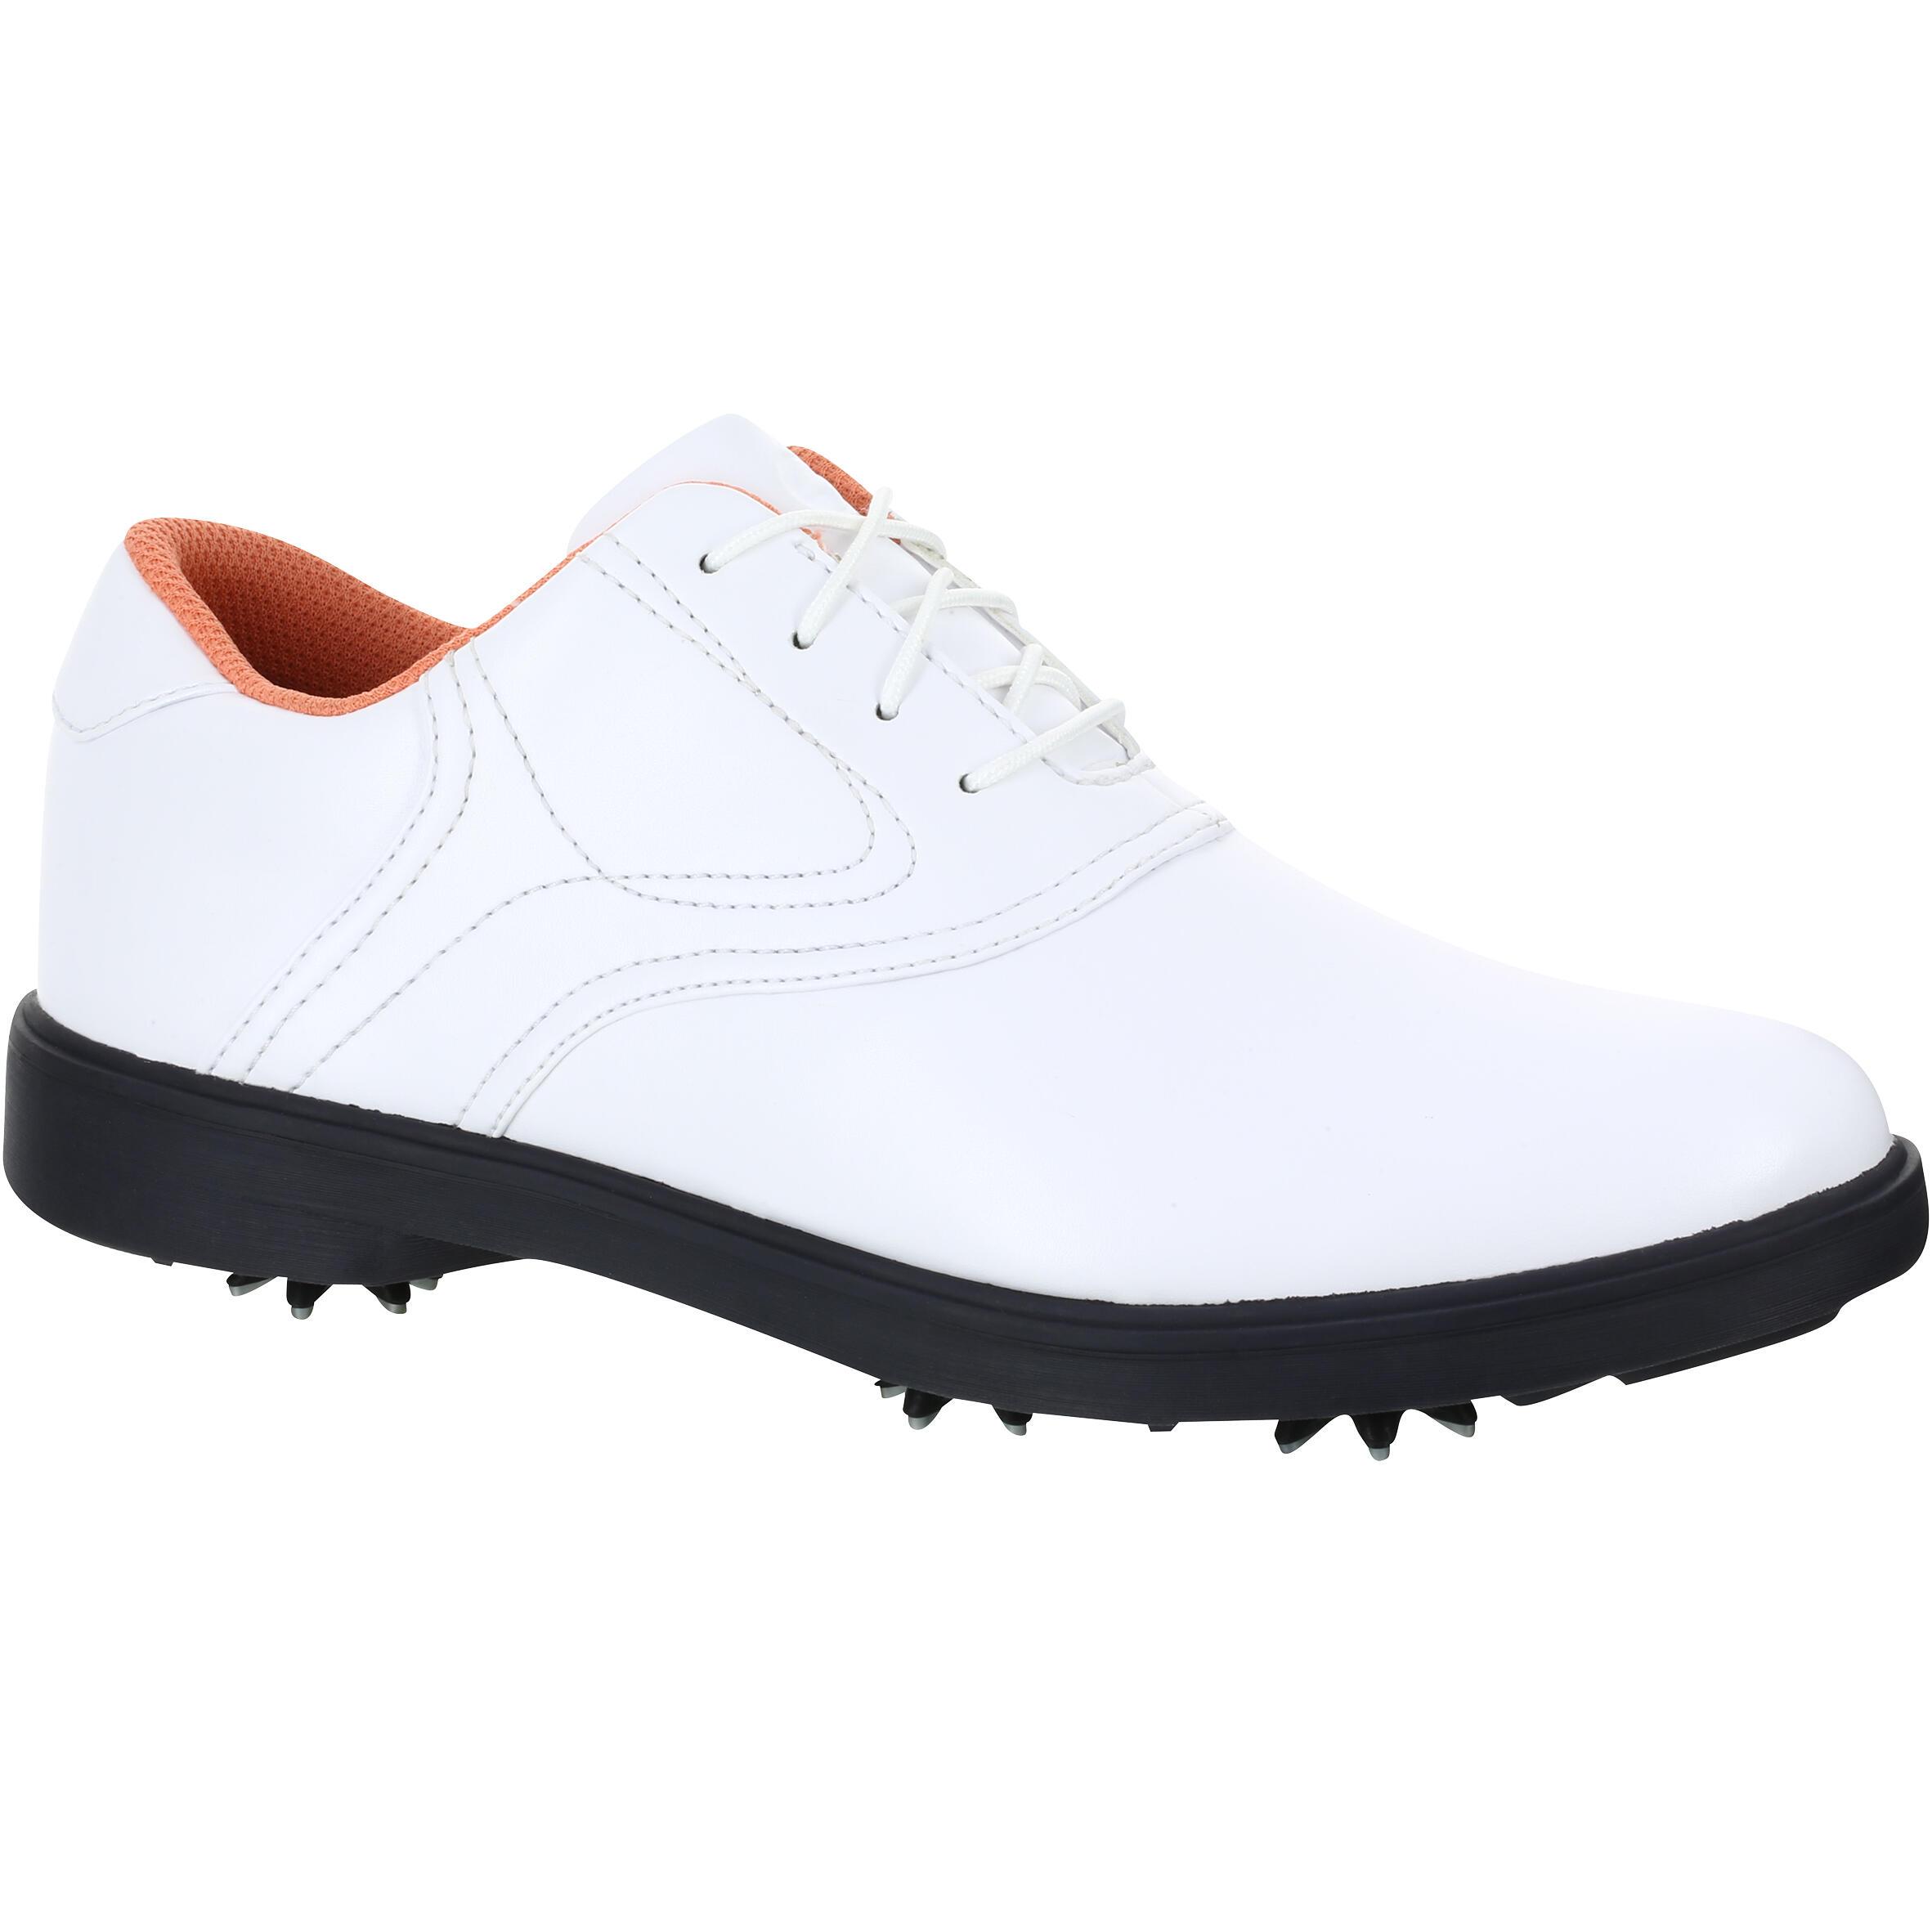 2185500 Inesis Golfschoenen Spike 500 voor dames wit